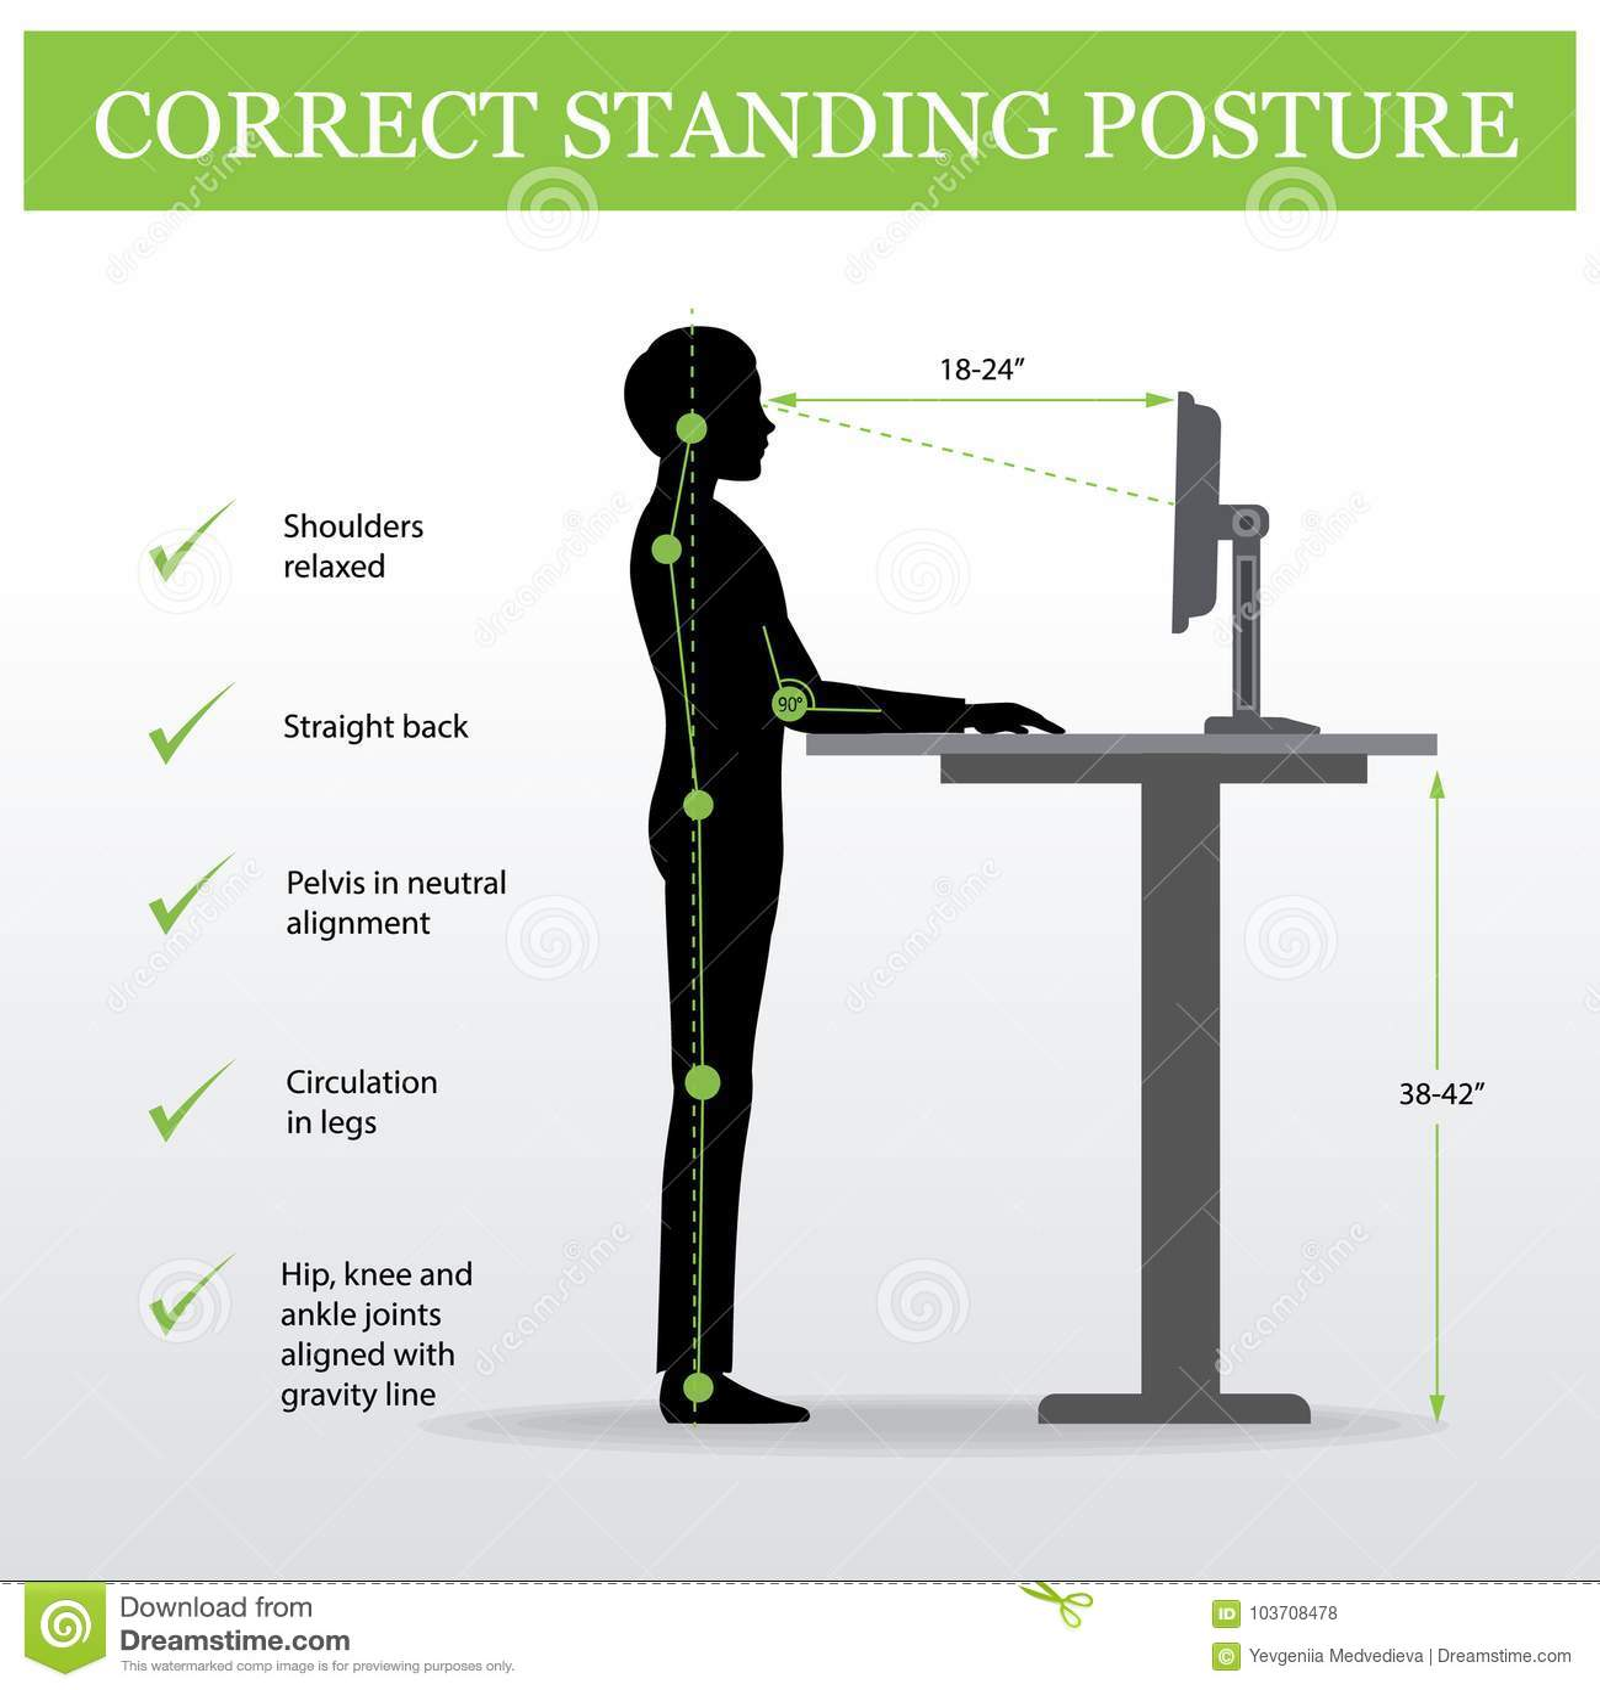 ergonomique posture debout correcte et table r glable de taille illustration de vecteur. Black Bedroom Furniture Sets. Home Design Ideas